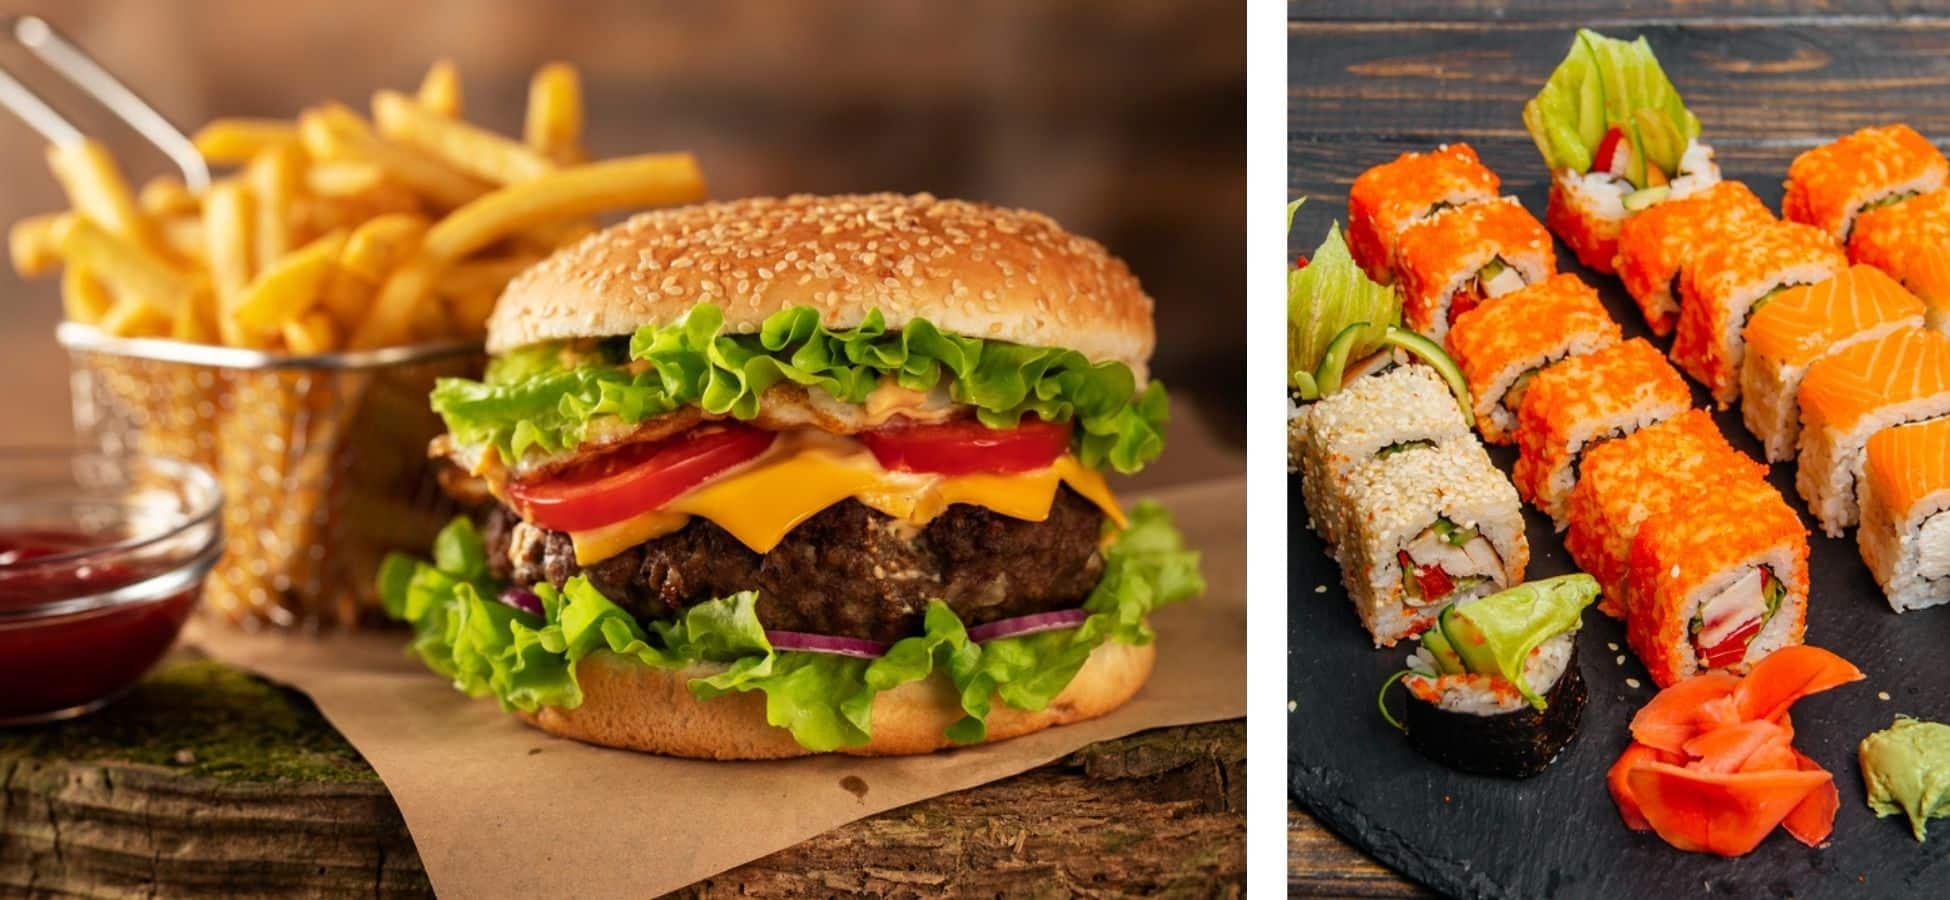 Hamburger VS Sushi